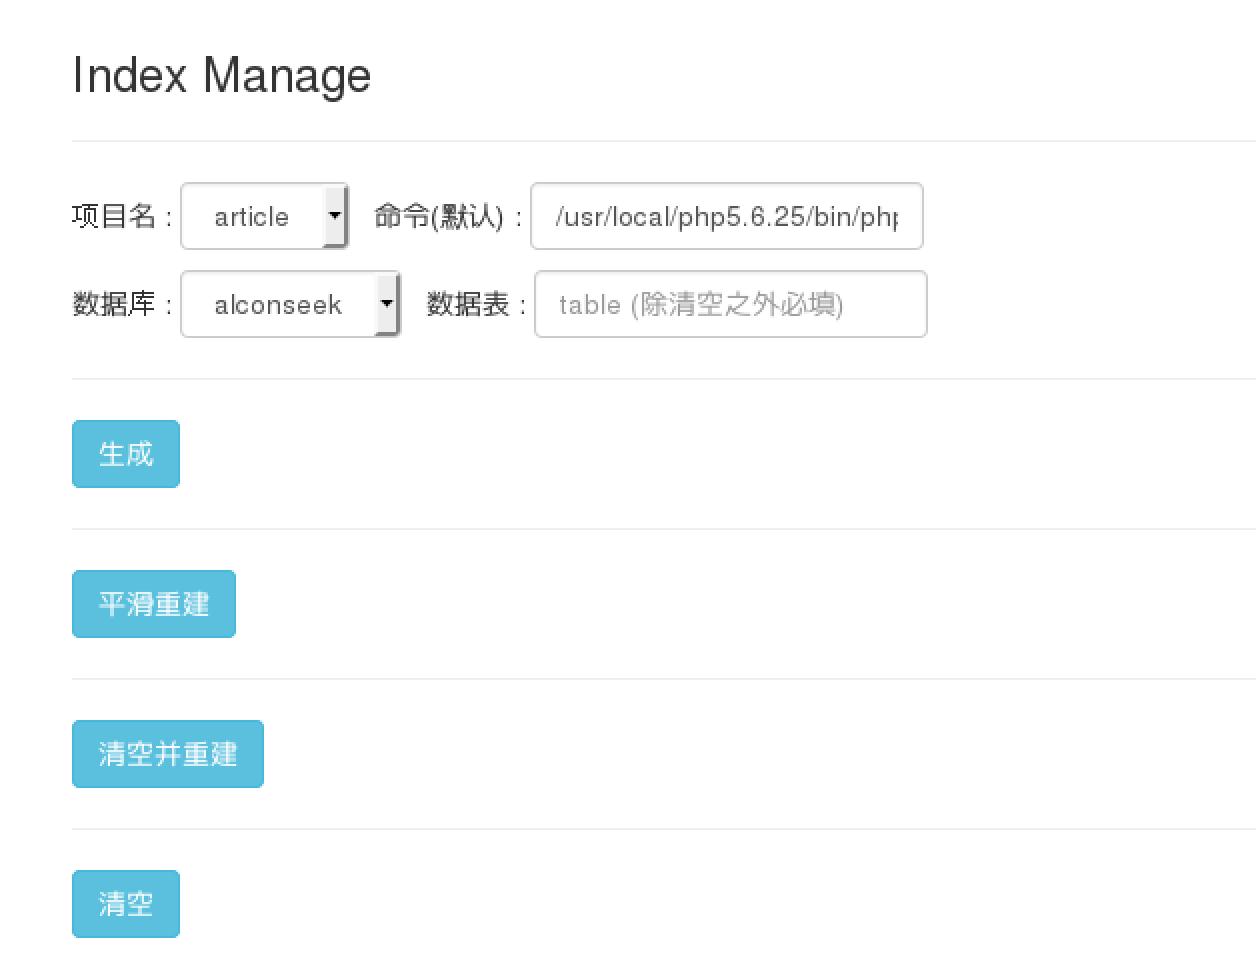 全文检索 Api 应用框架                                              alconSeek